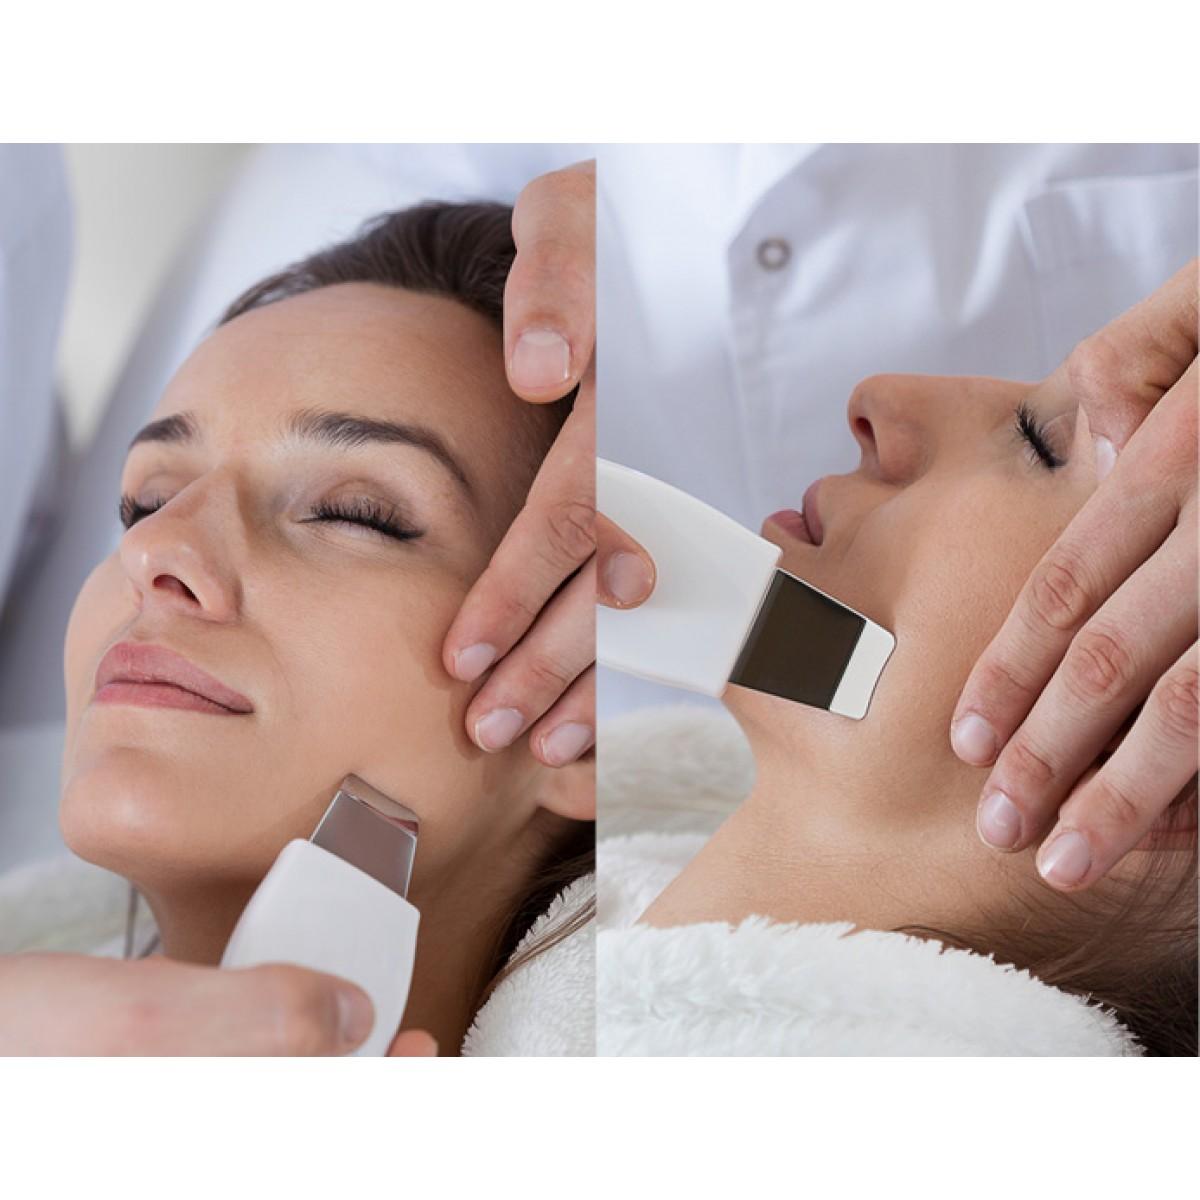 аппараты ультразвуковой терапии домашний